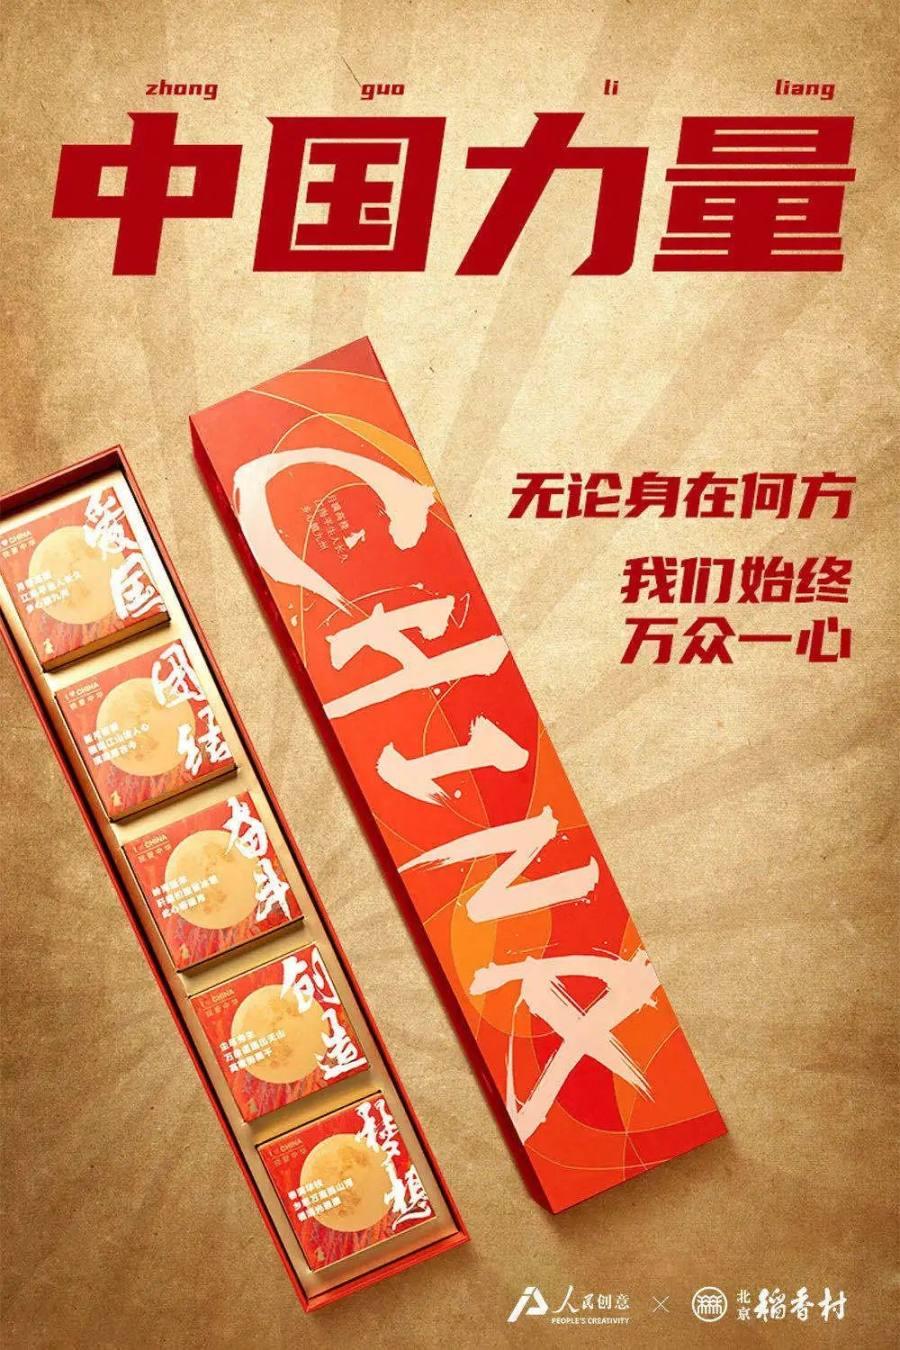 中秋团圆时,人民创意邀您品国潮月饼,聚中国